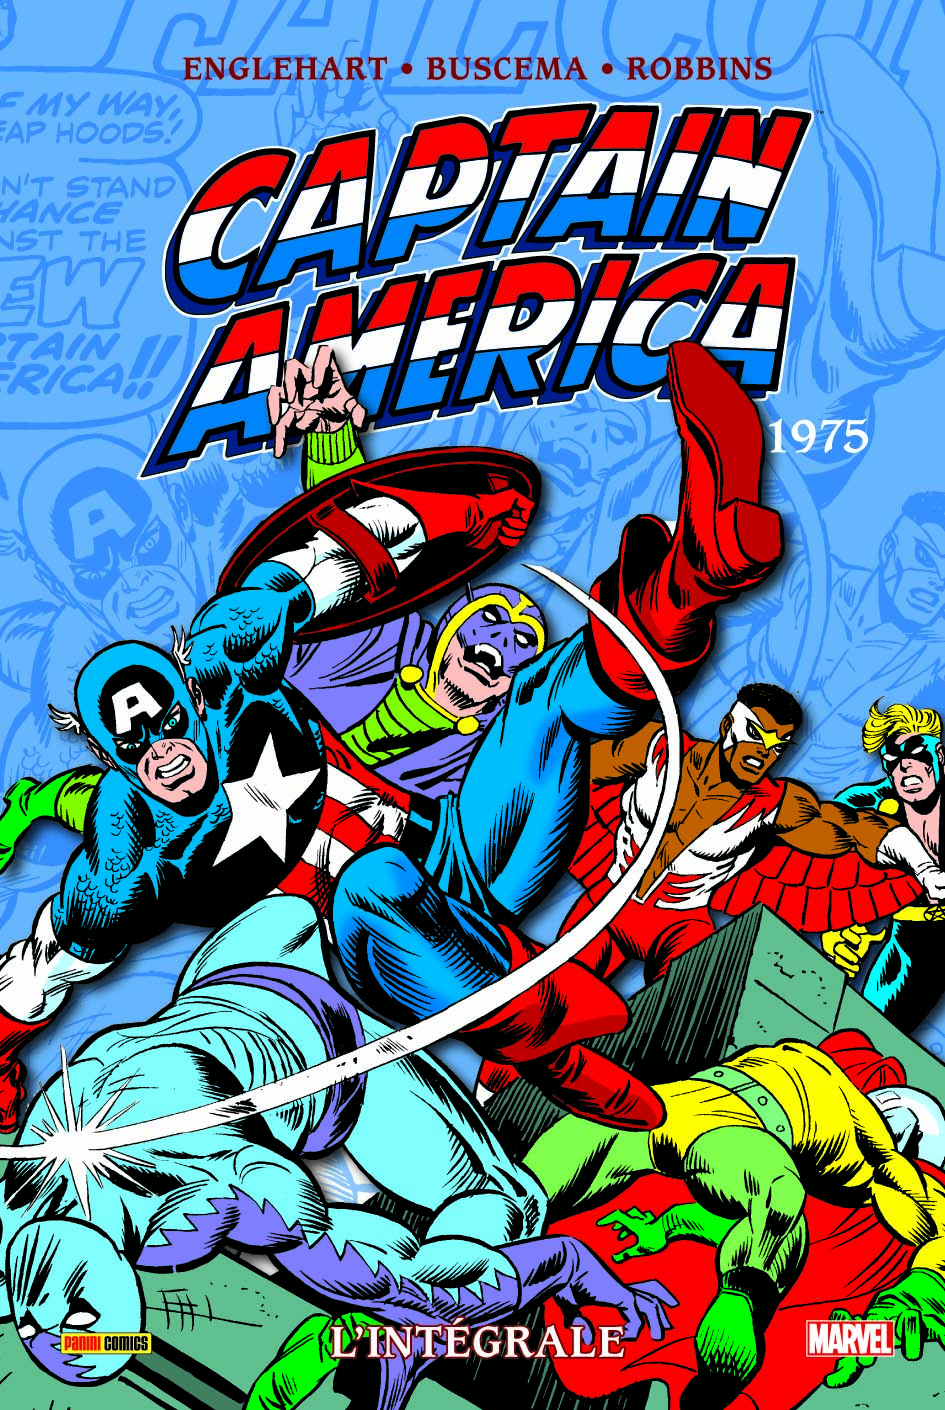 Captain America 1975 - 1975